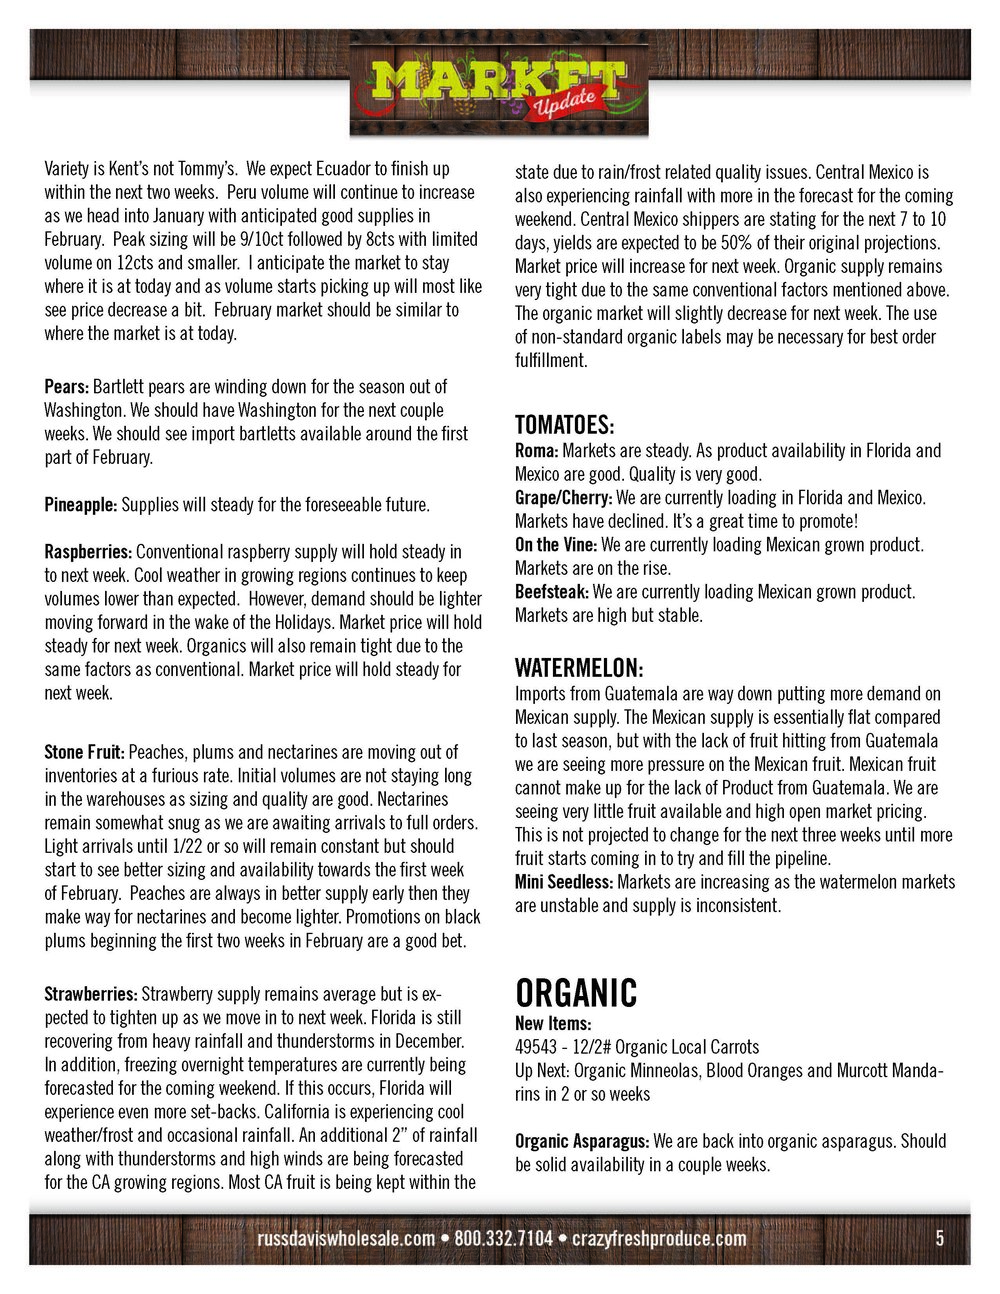 RDW_Market_Update_Jan16_19_Page_5.jpg